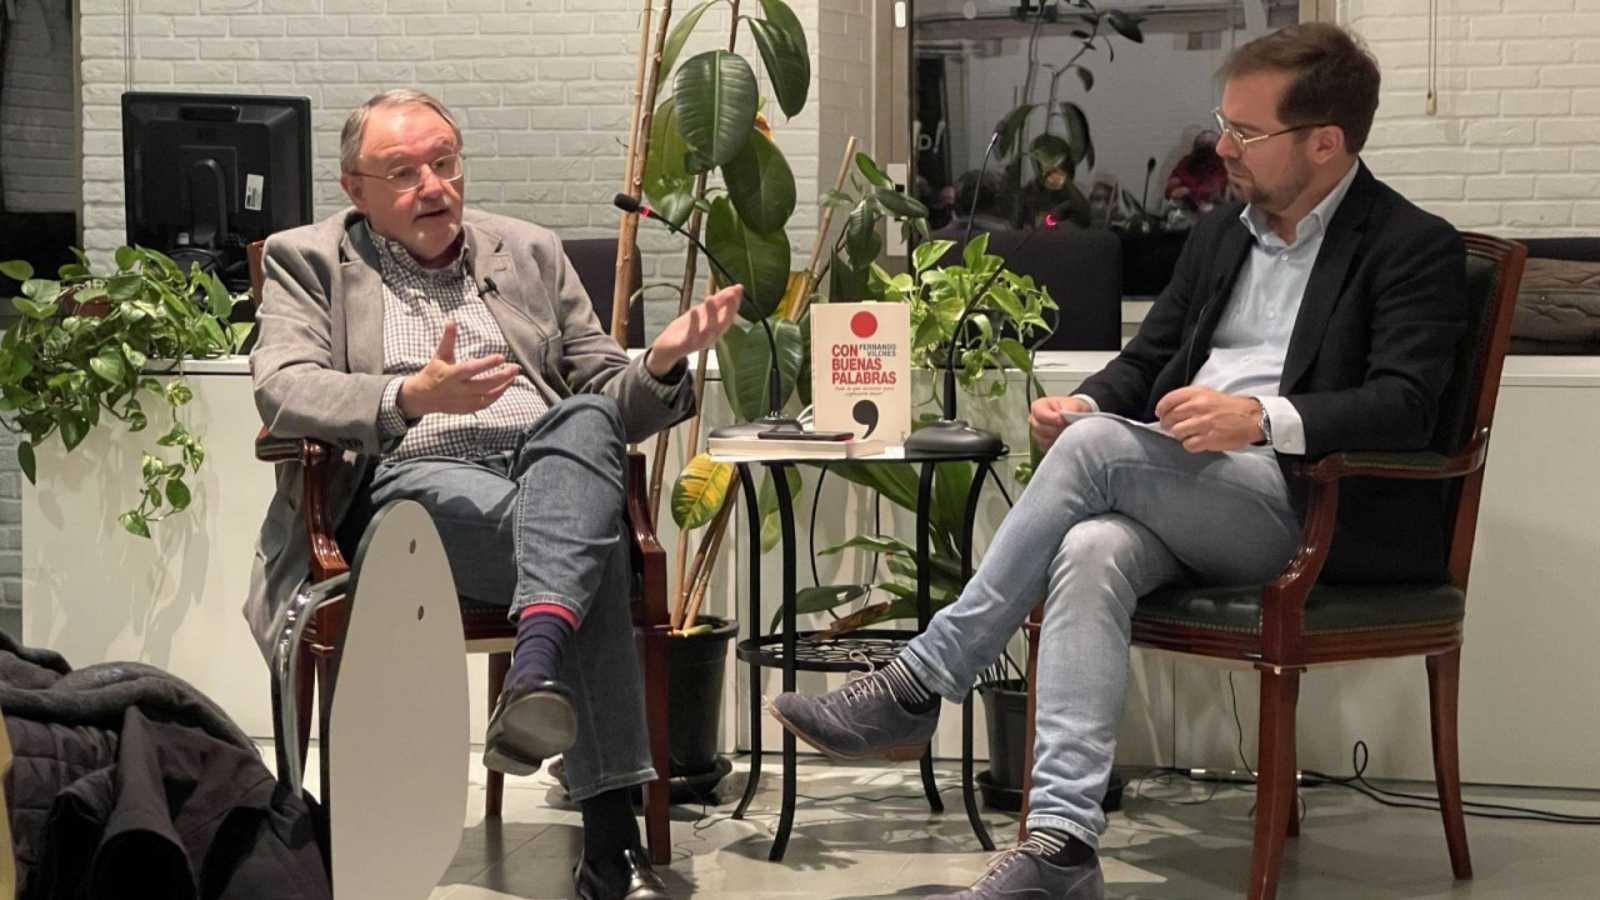 La silla de Galdós - Los laberintos de la lengua española con Fernando Vilches - Escuchar ahora